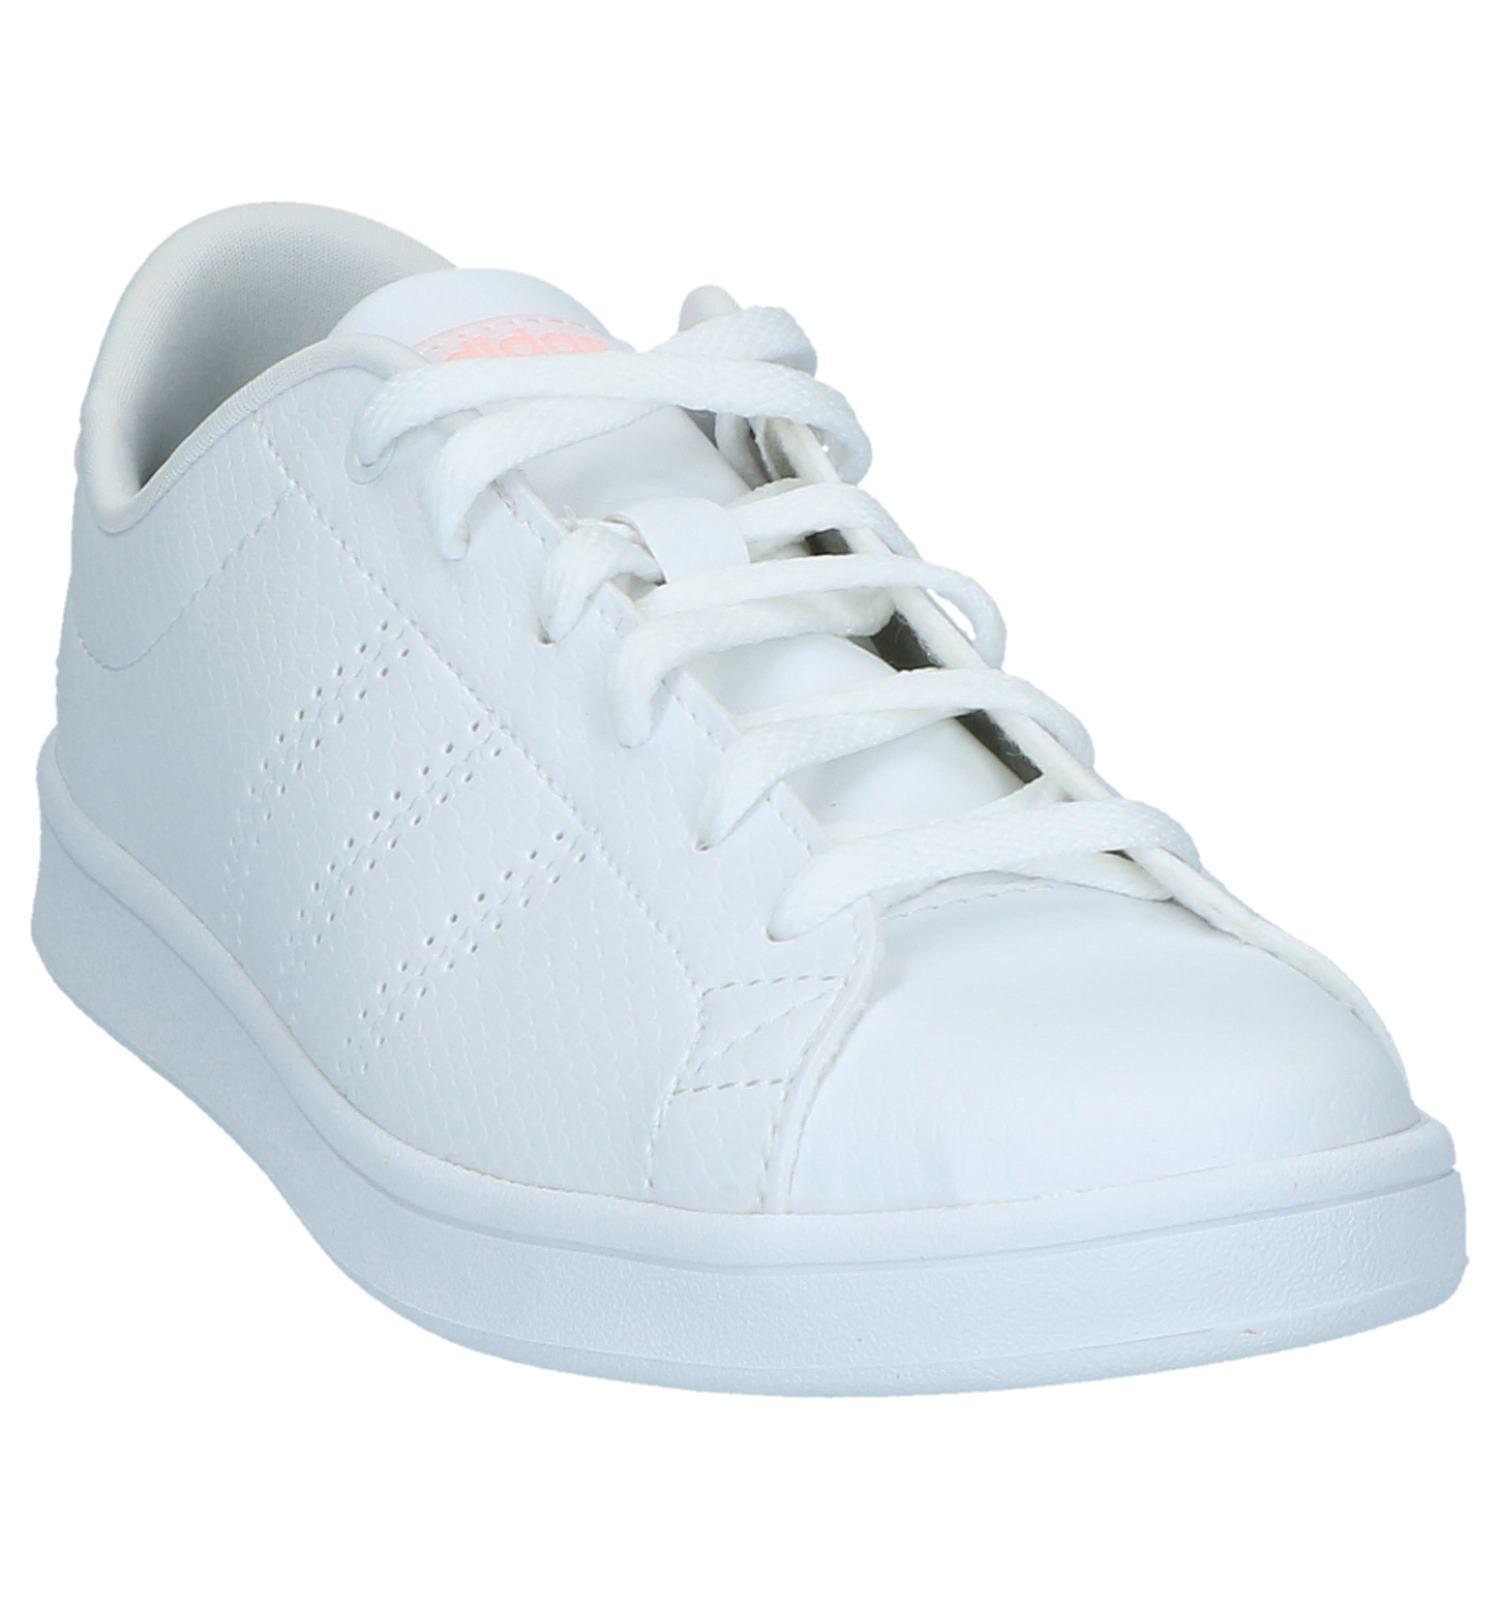 f50d90f7b87 Witte Sneakers adidas Advantage Clean QT | TORFS.BE | Gratis verzend en  retour